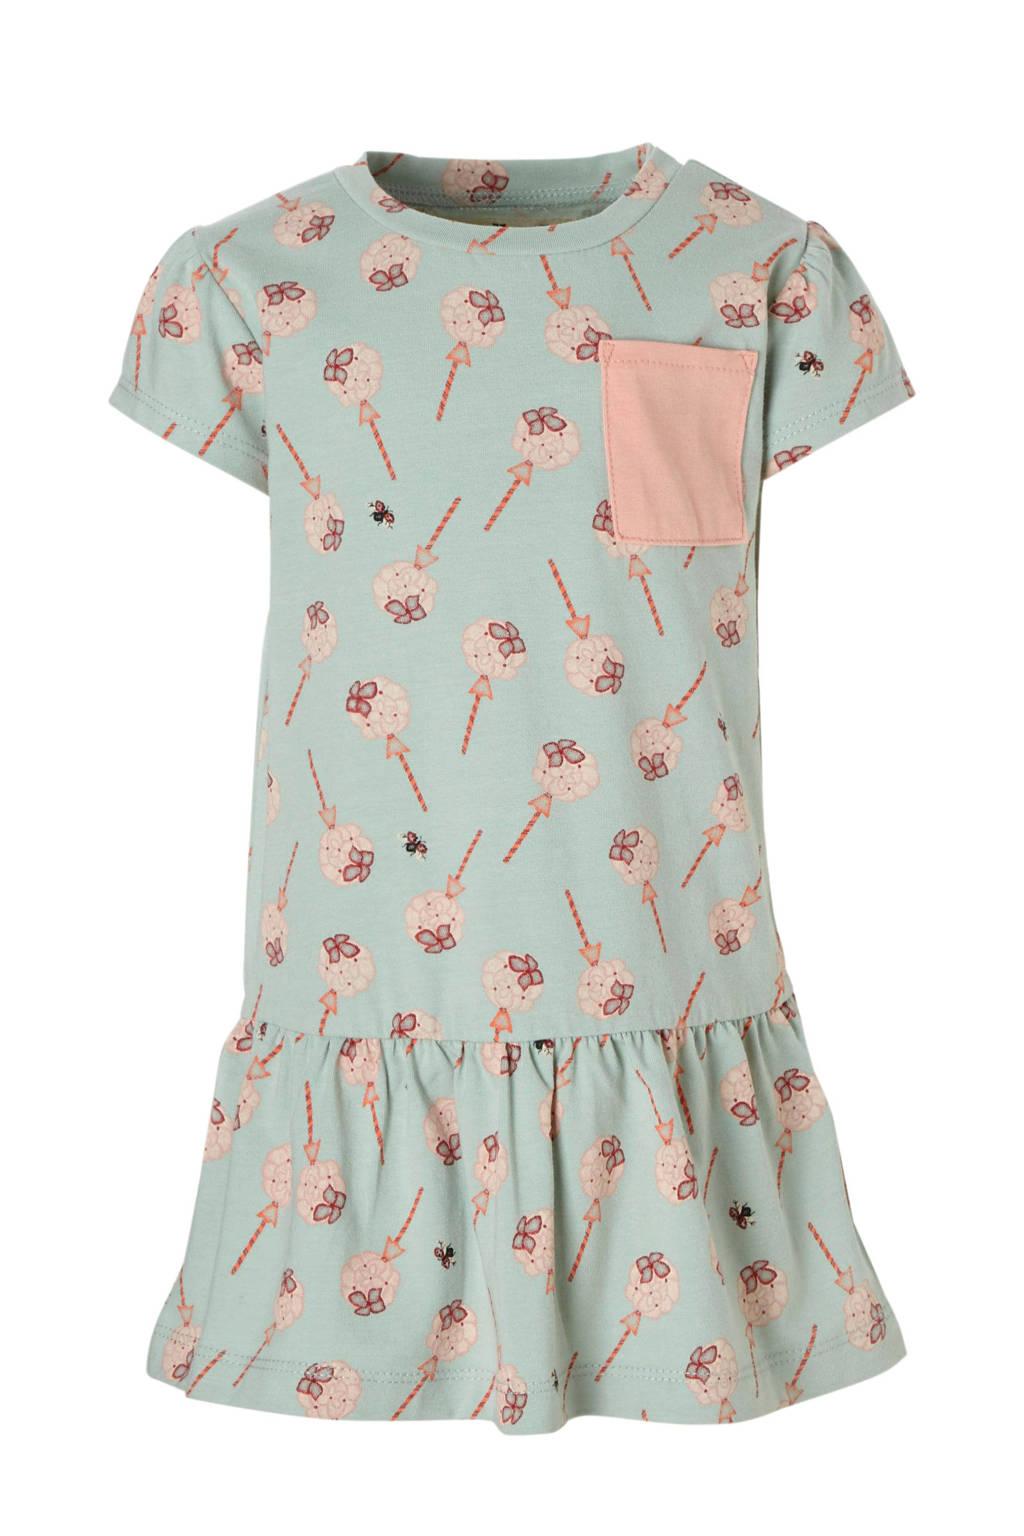 Small Rags jurk met all-over print mintgroen, Mintgroen